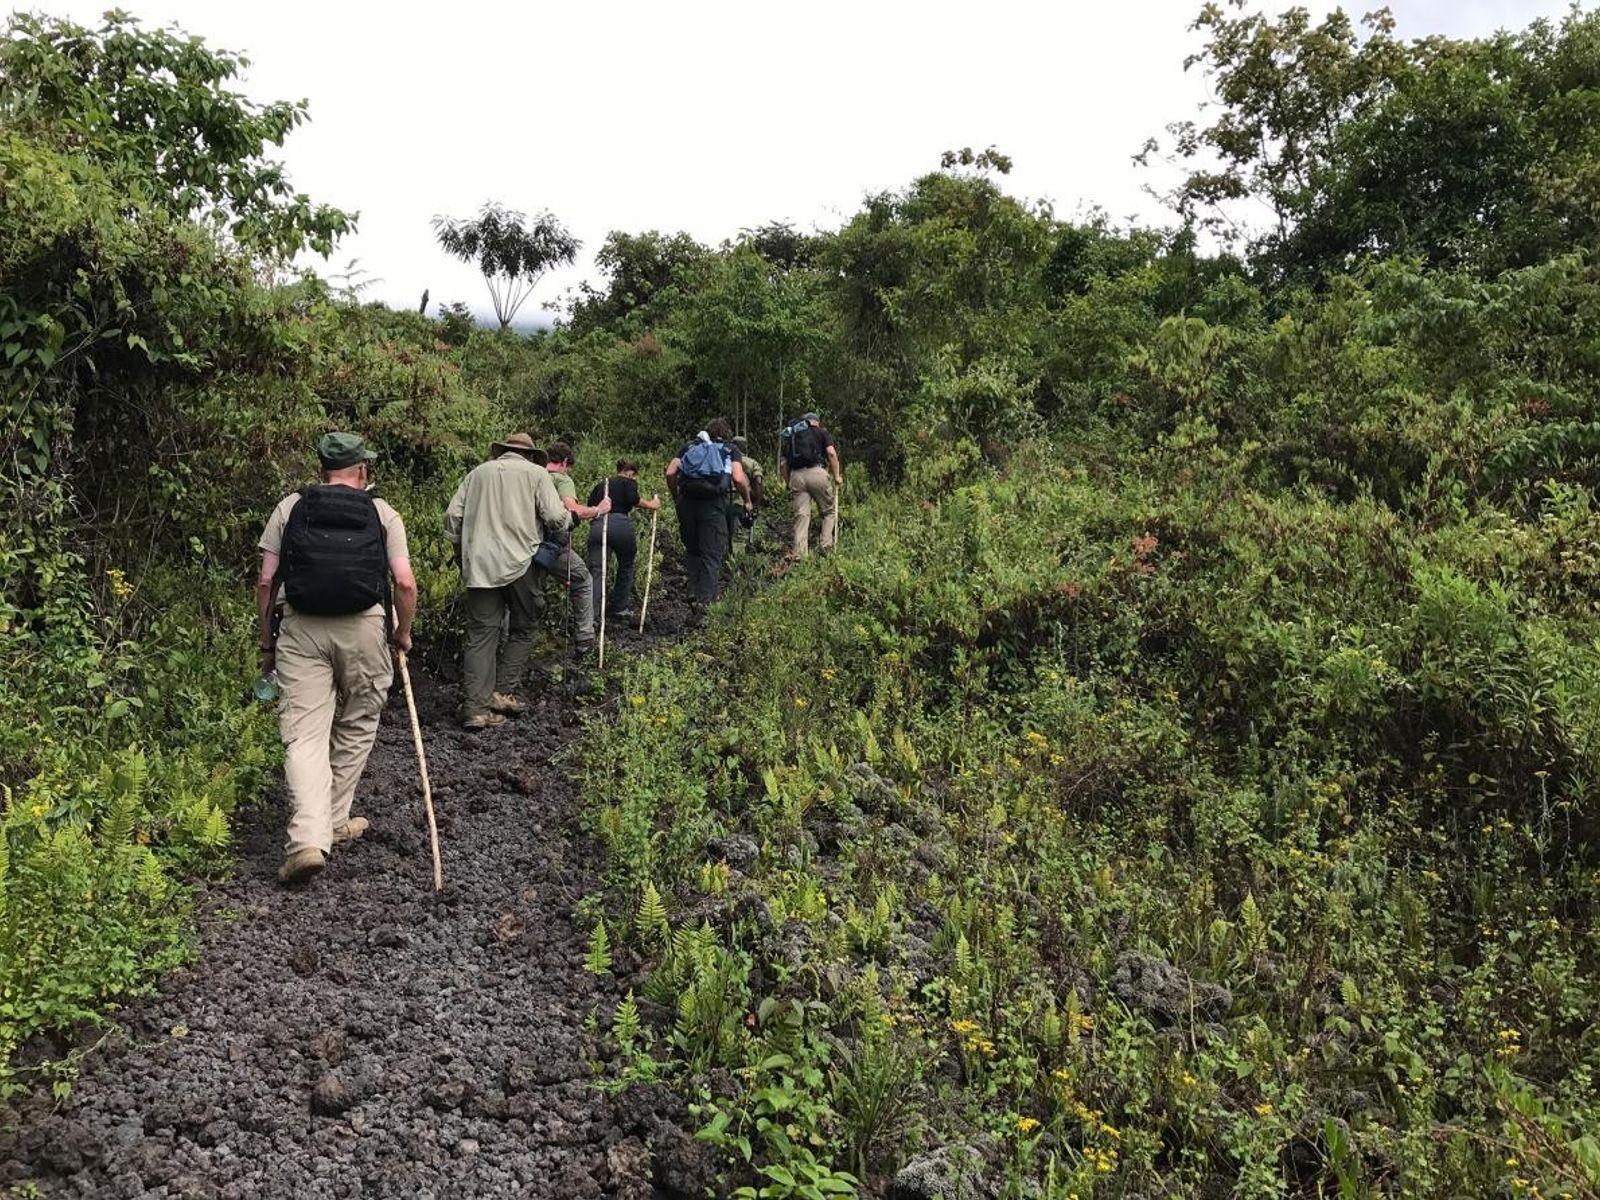 Des chemins, faits de roches volcaniques propices aux entorses, formés par d'anciennes éruptions mènent au sommet ...